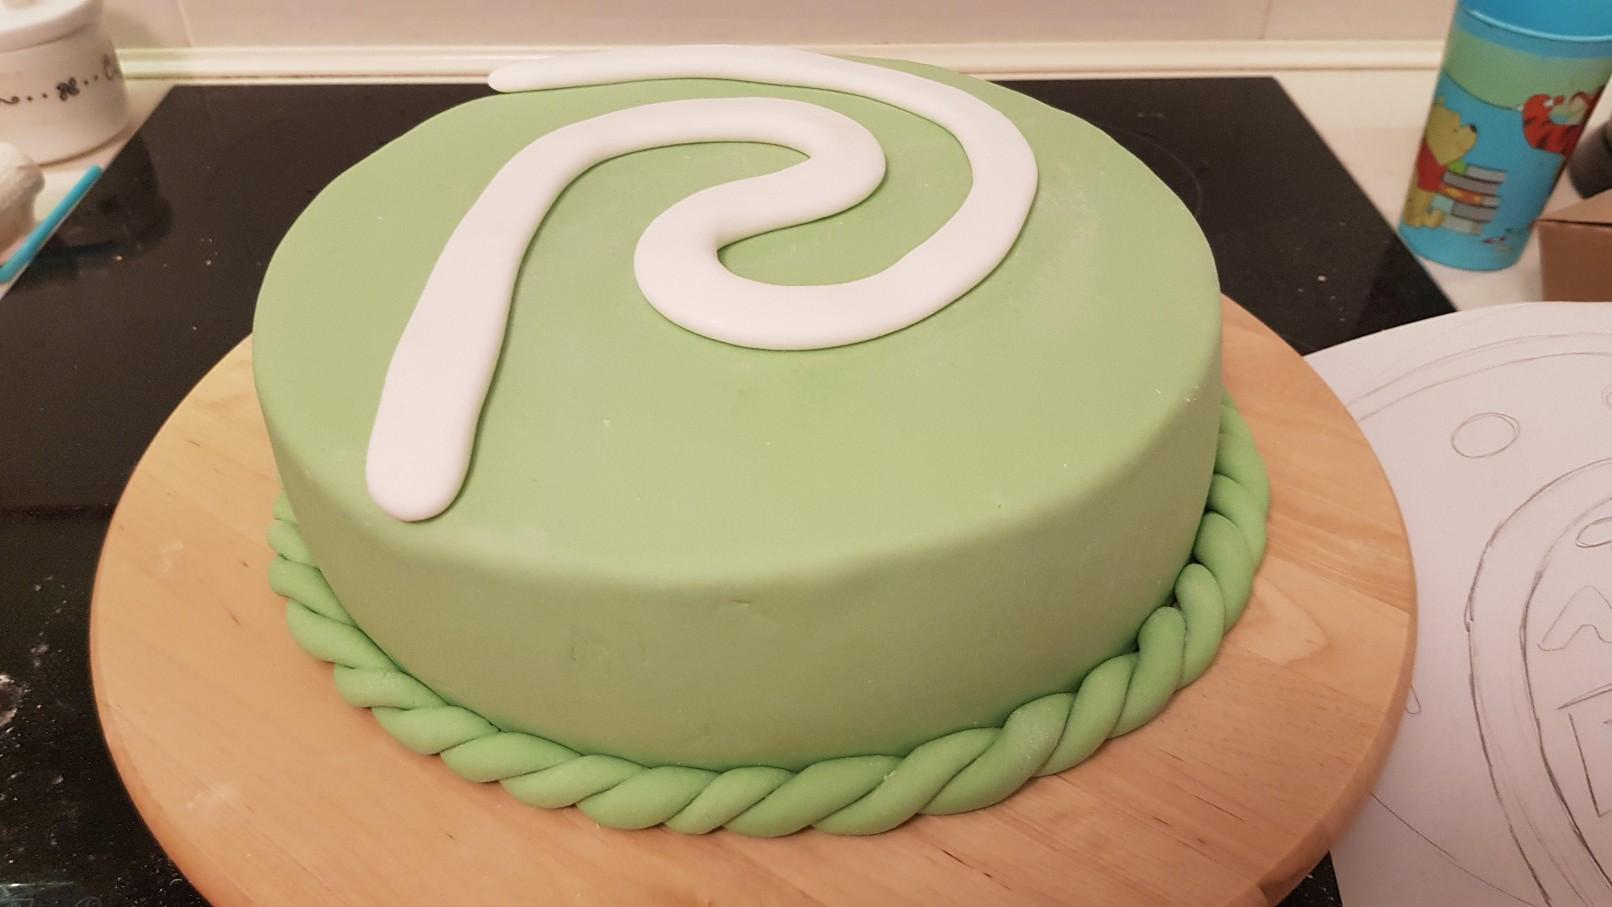 moana vaiana birthday cake step 3